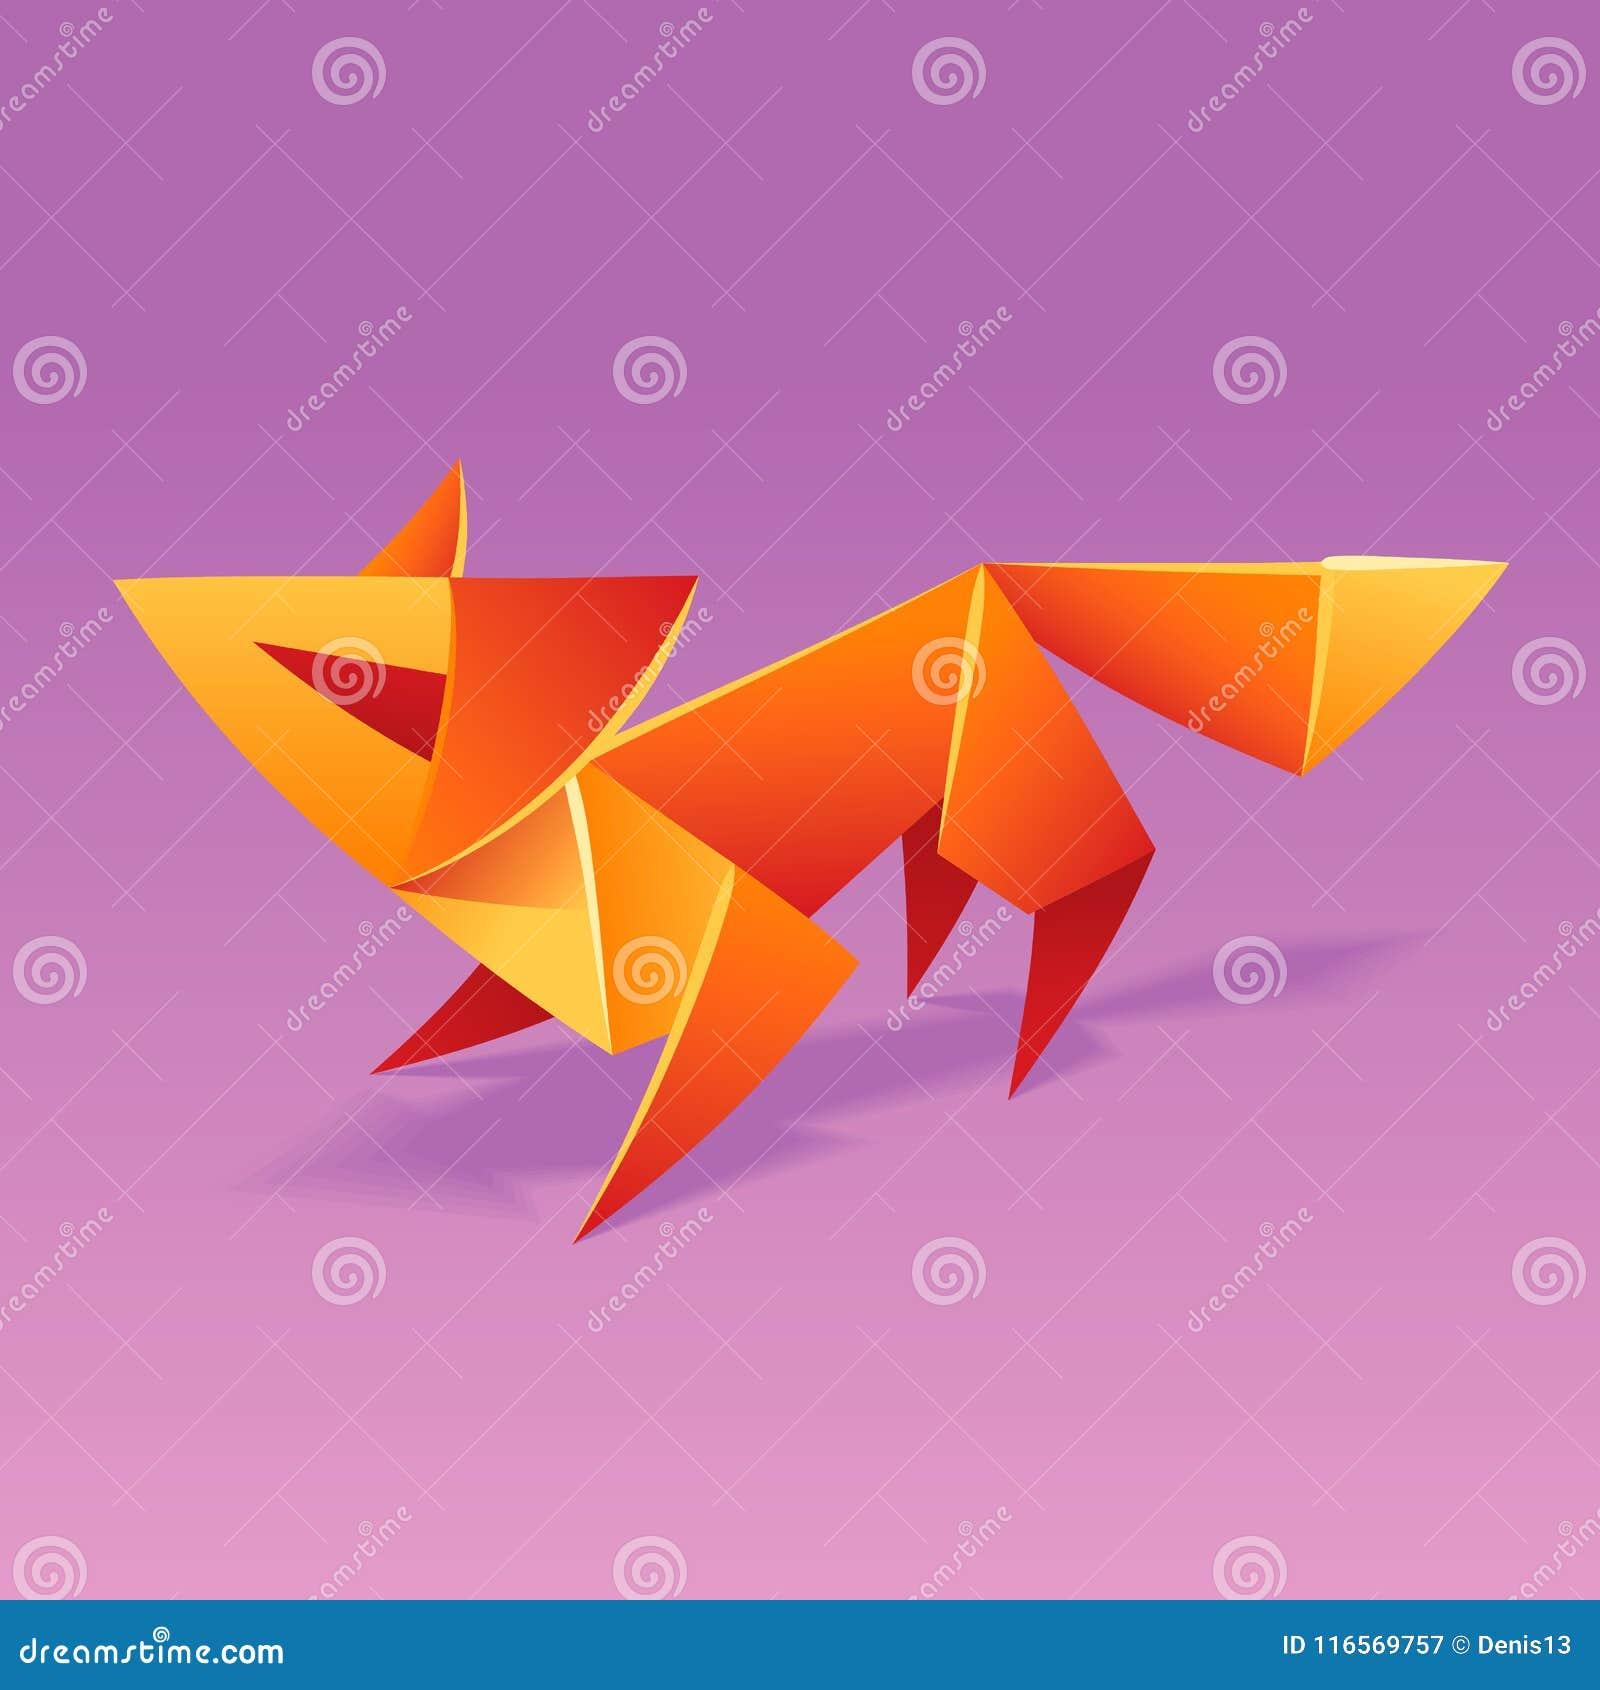 Origami Fox Royalty Free Vector Image - VectorStock | 1390x1300